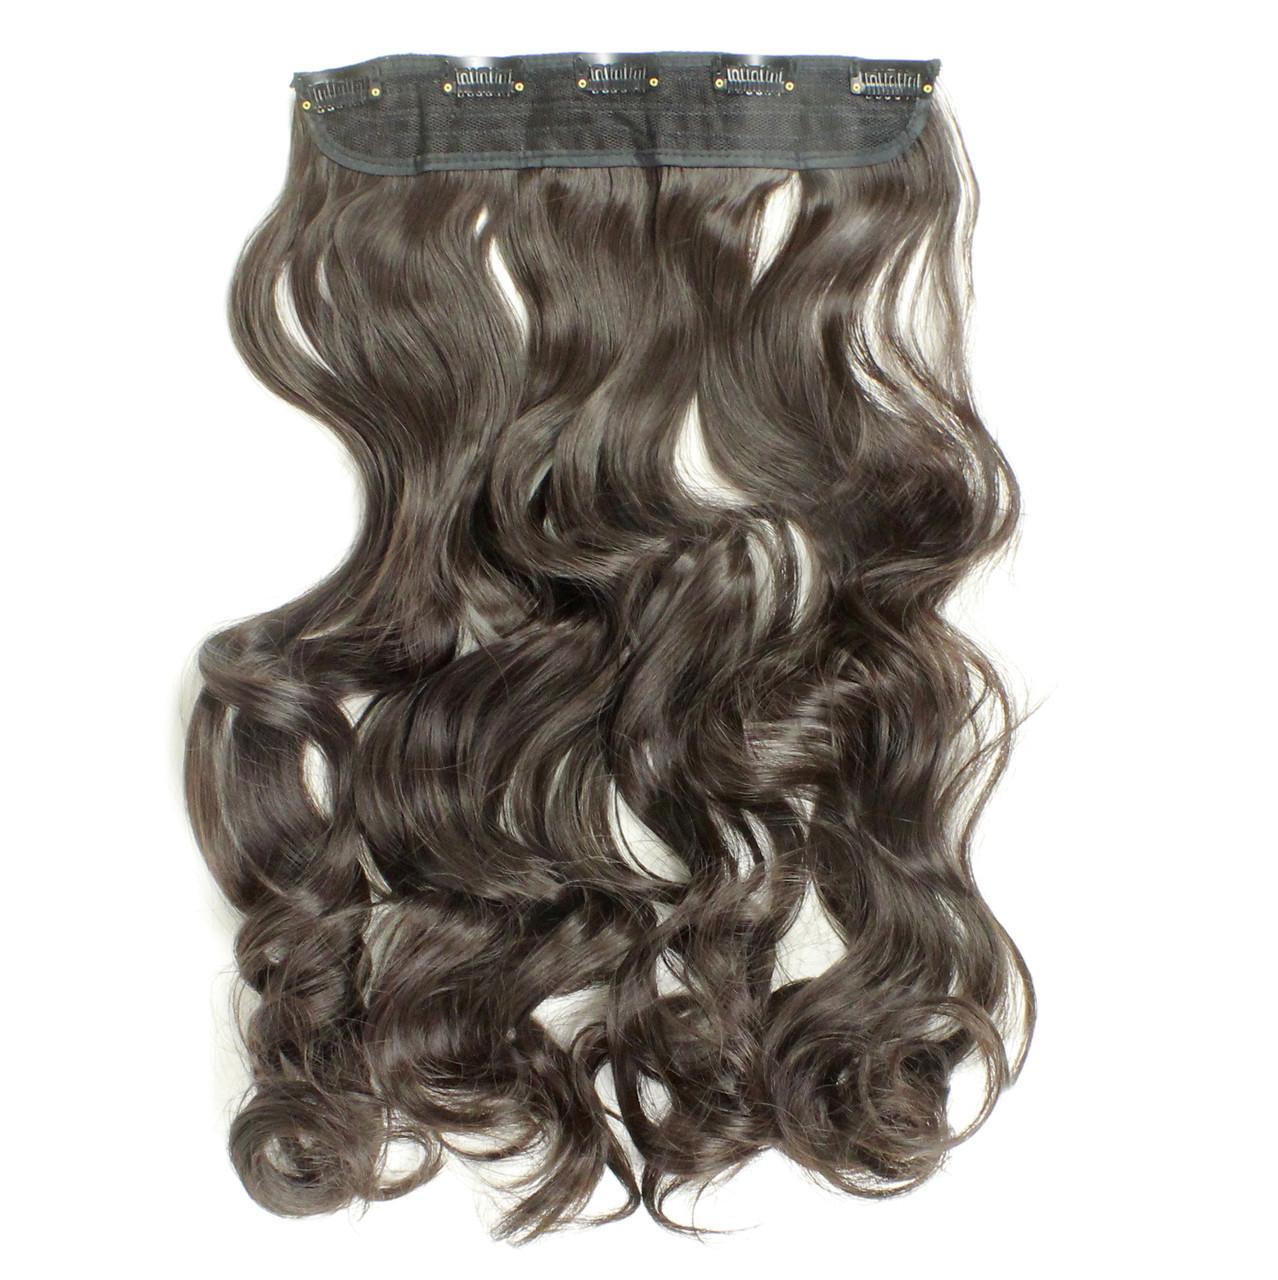 Прядь накладная на клипсах из искусственных вьющихся термо-волос 65 см №4A горький шоколад